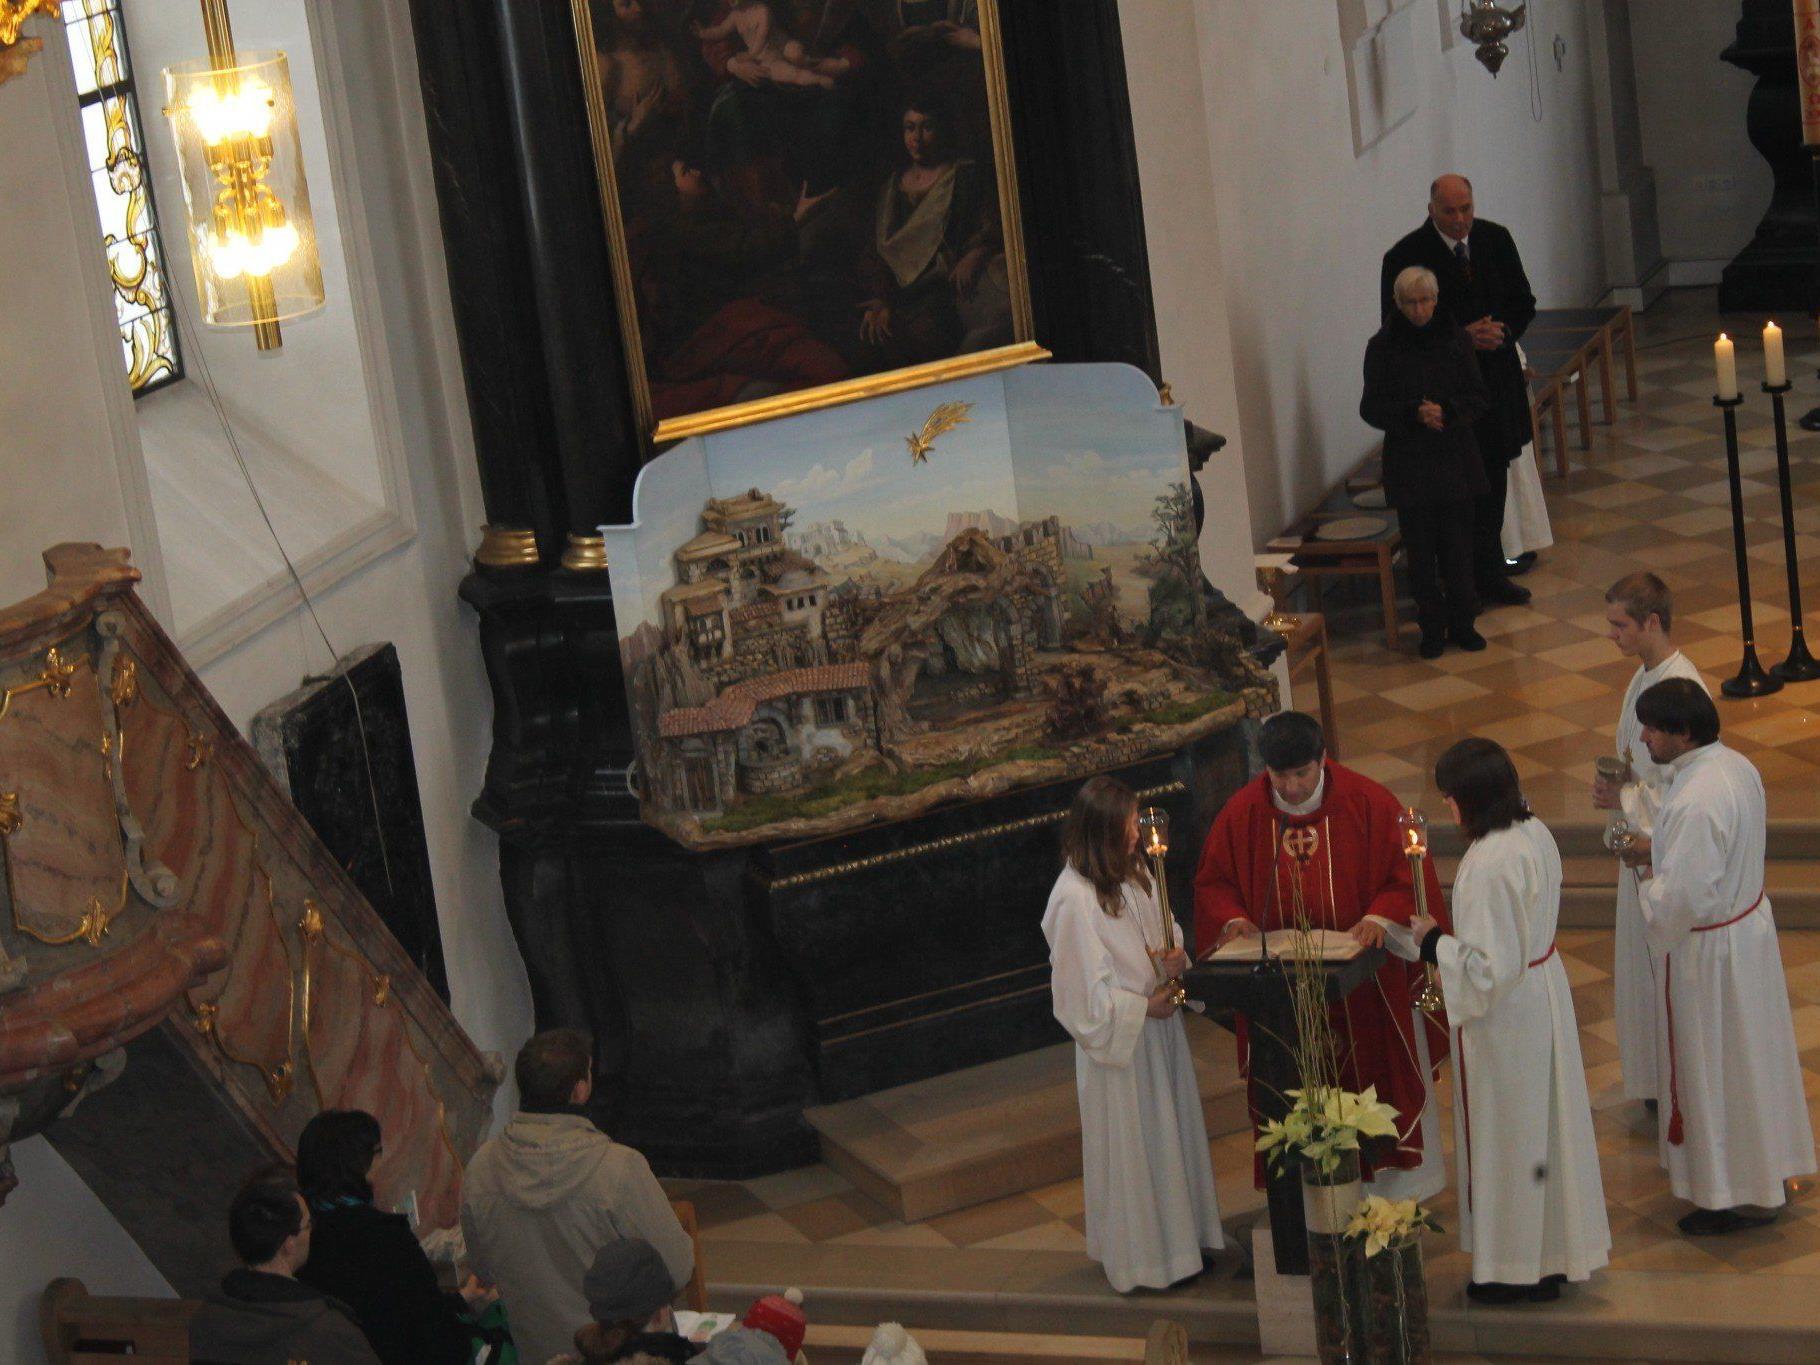 In der Pfarrkirche Ludesch wird eine festliche Adventfeier geboten